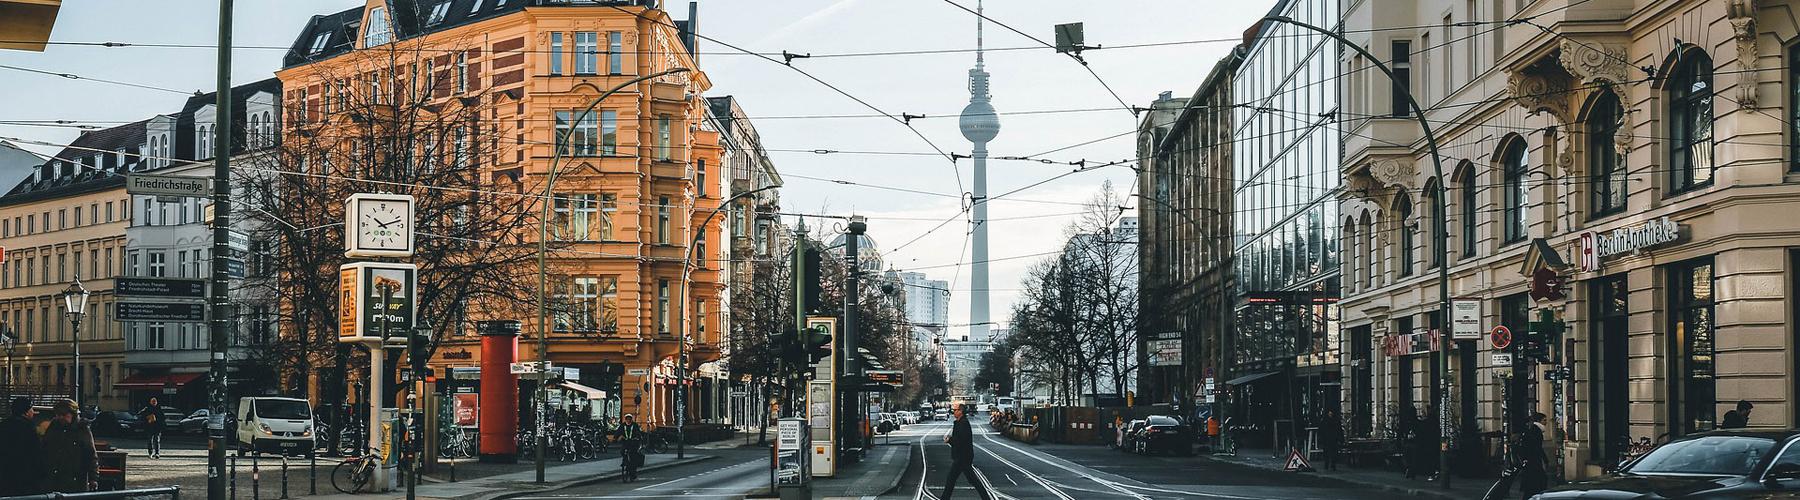 베를린 - City Center에 가까운 호텔. 베를린의 지도, 베를린에 위치한 호텔에 대한 사진 및 리뷰.